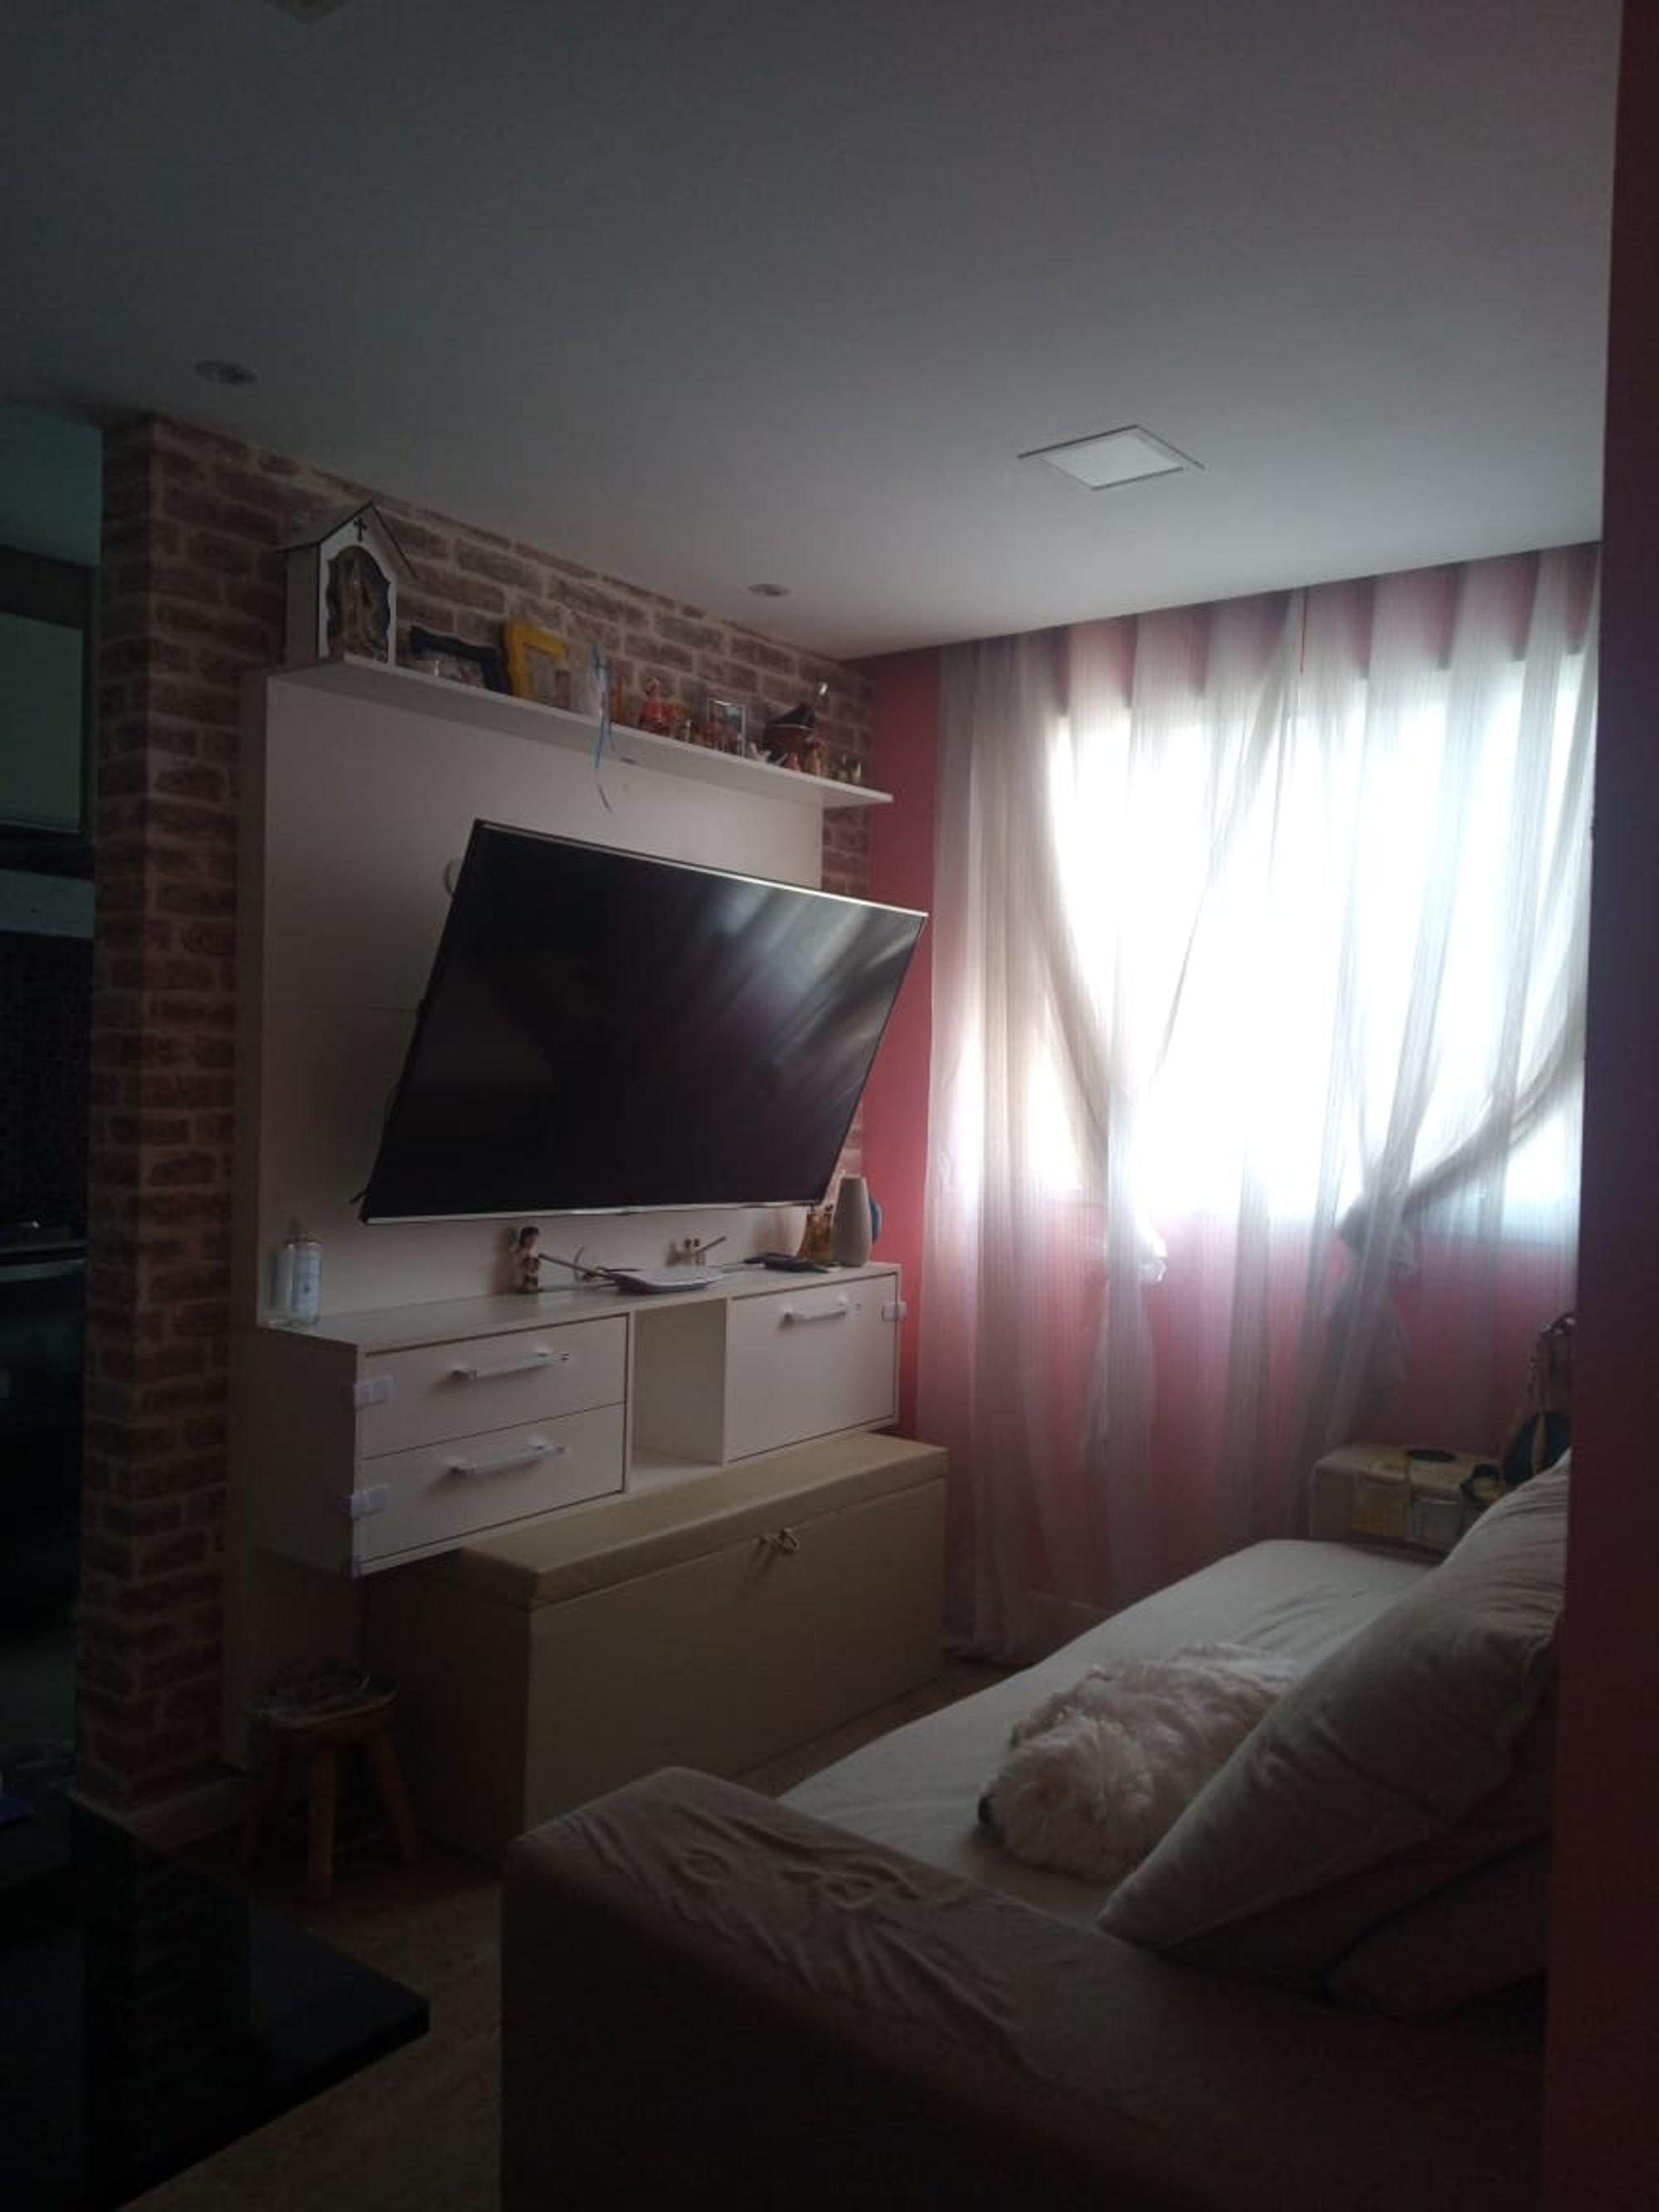 Foto de Quarto com cama, televisão